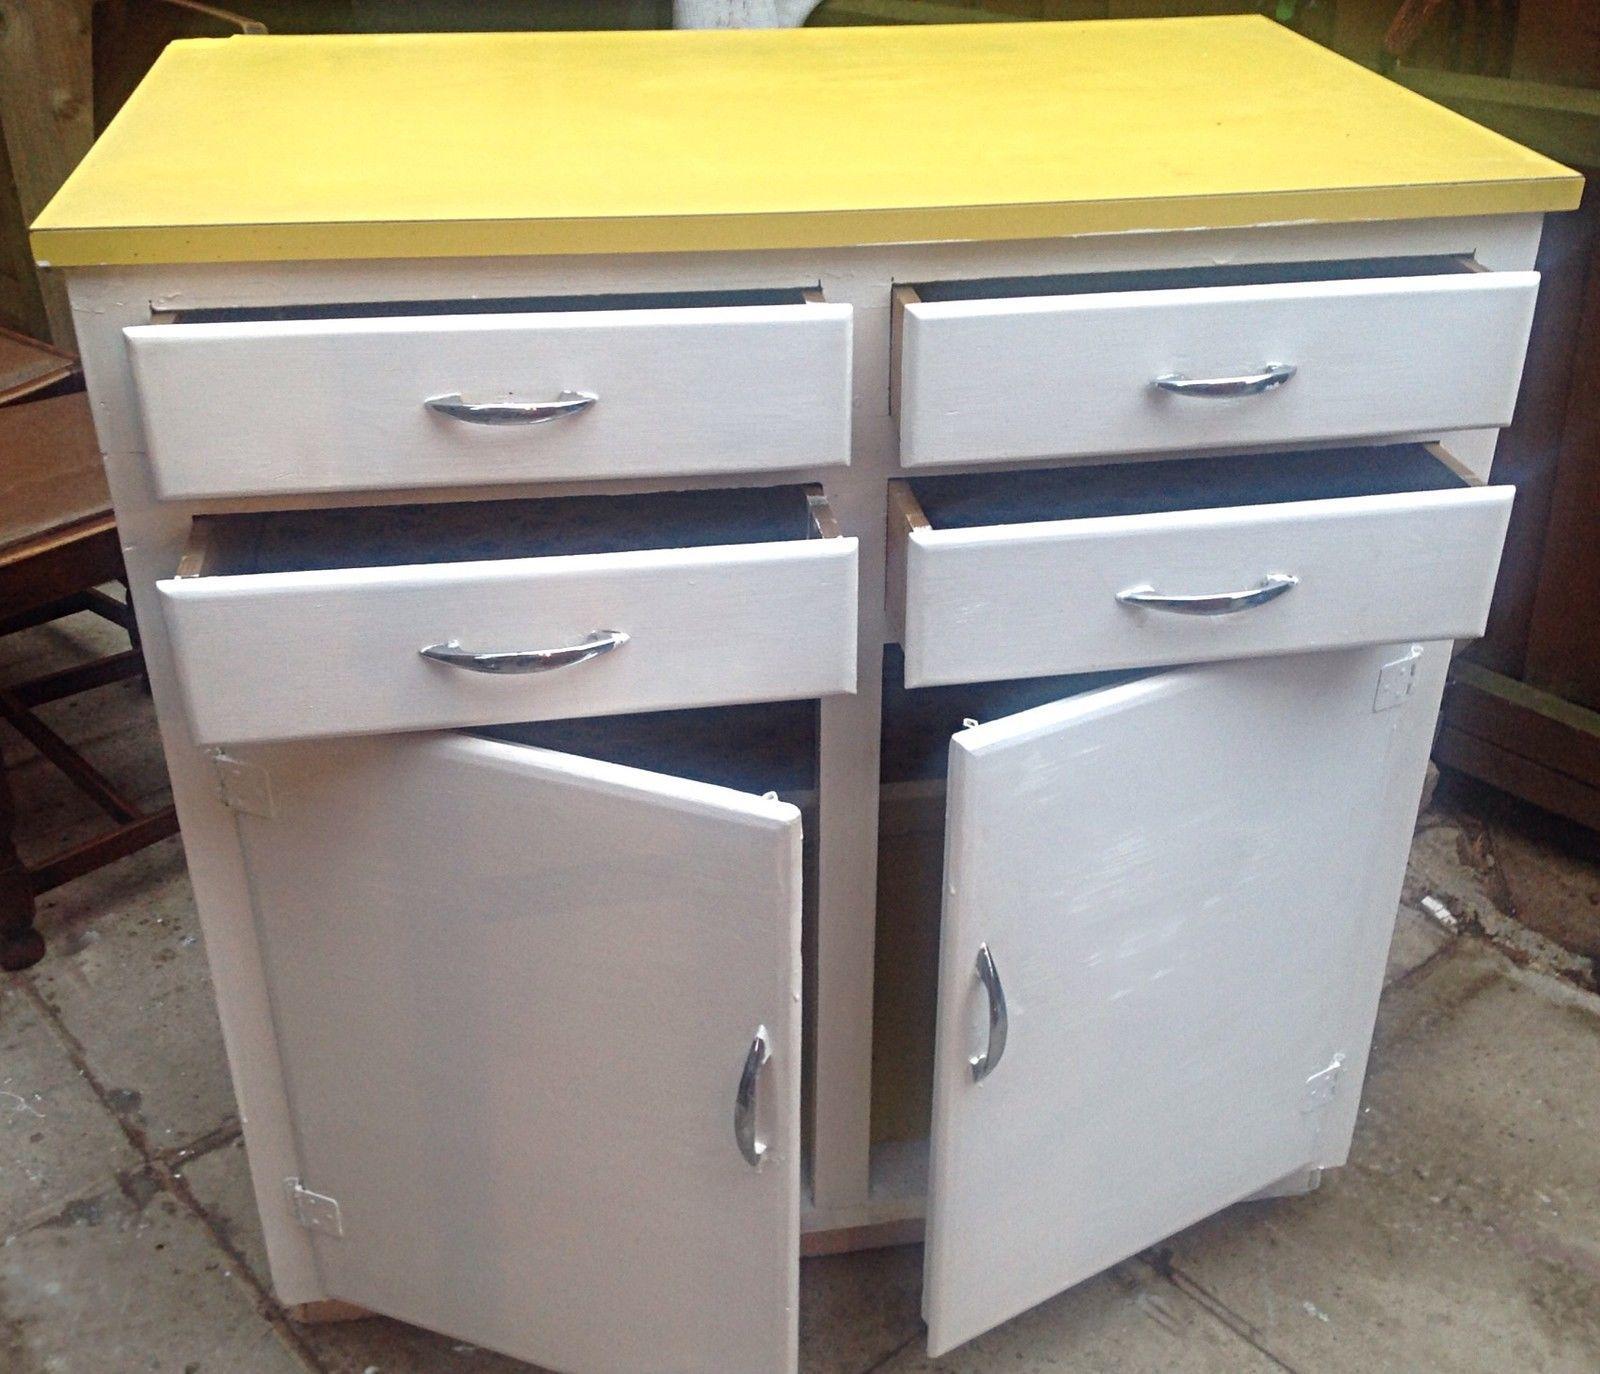 ebay kitchen cabinets. Vintage Retro Kitchen Cabinet Cupboard Larder kitchenette 50s 60s Mid  Century eBay